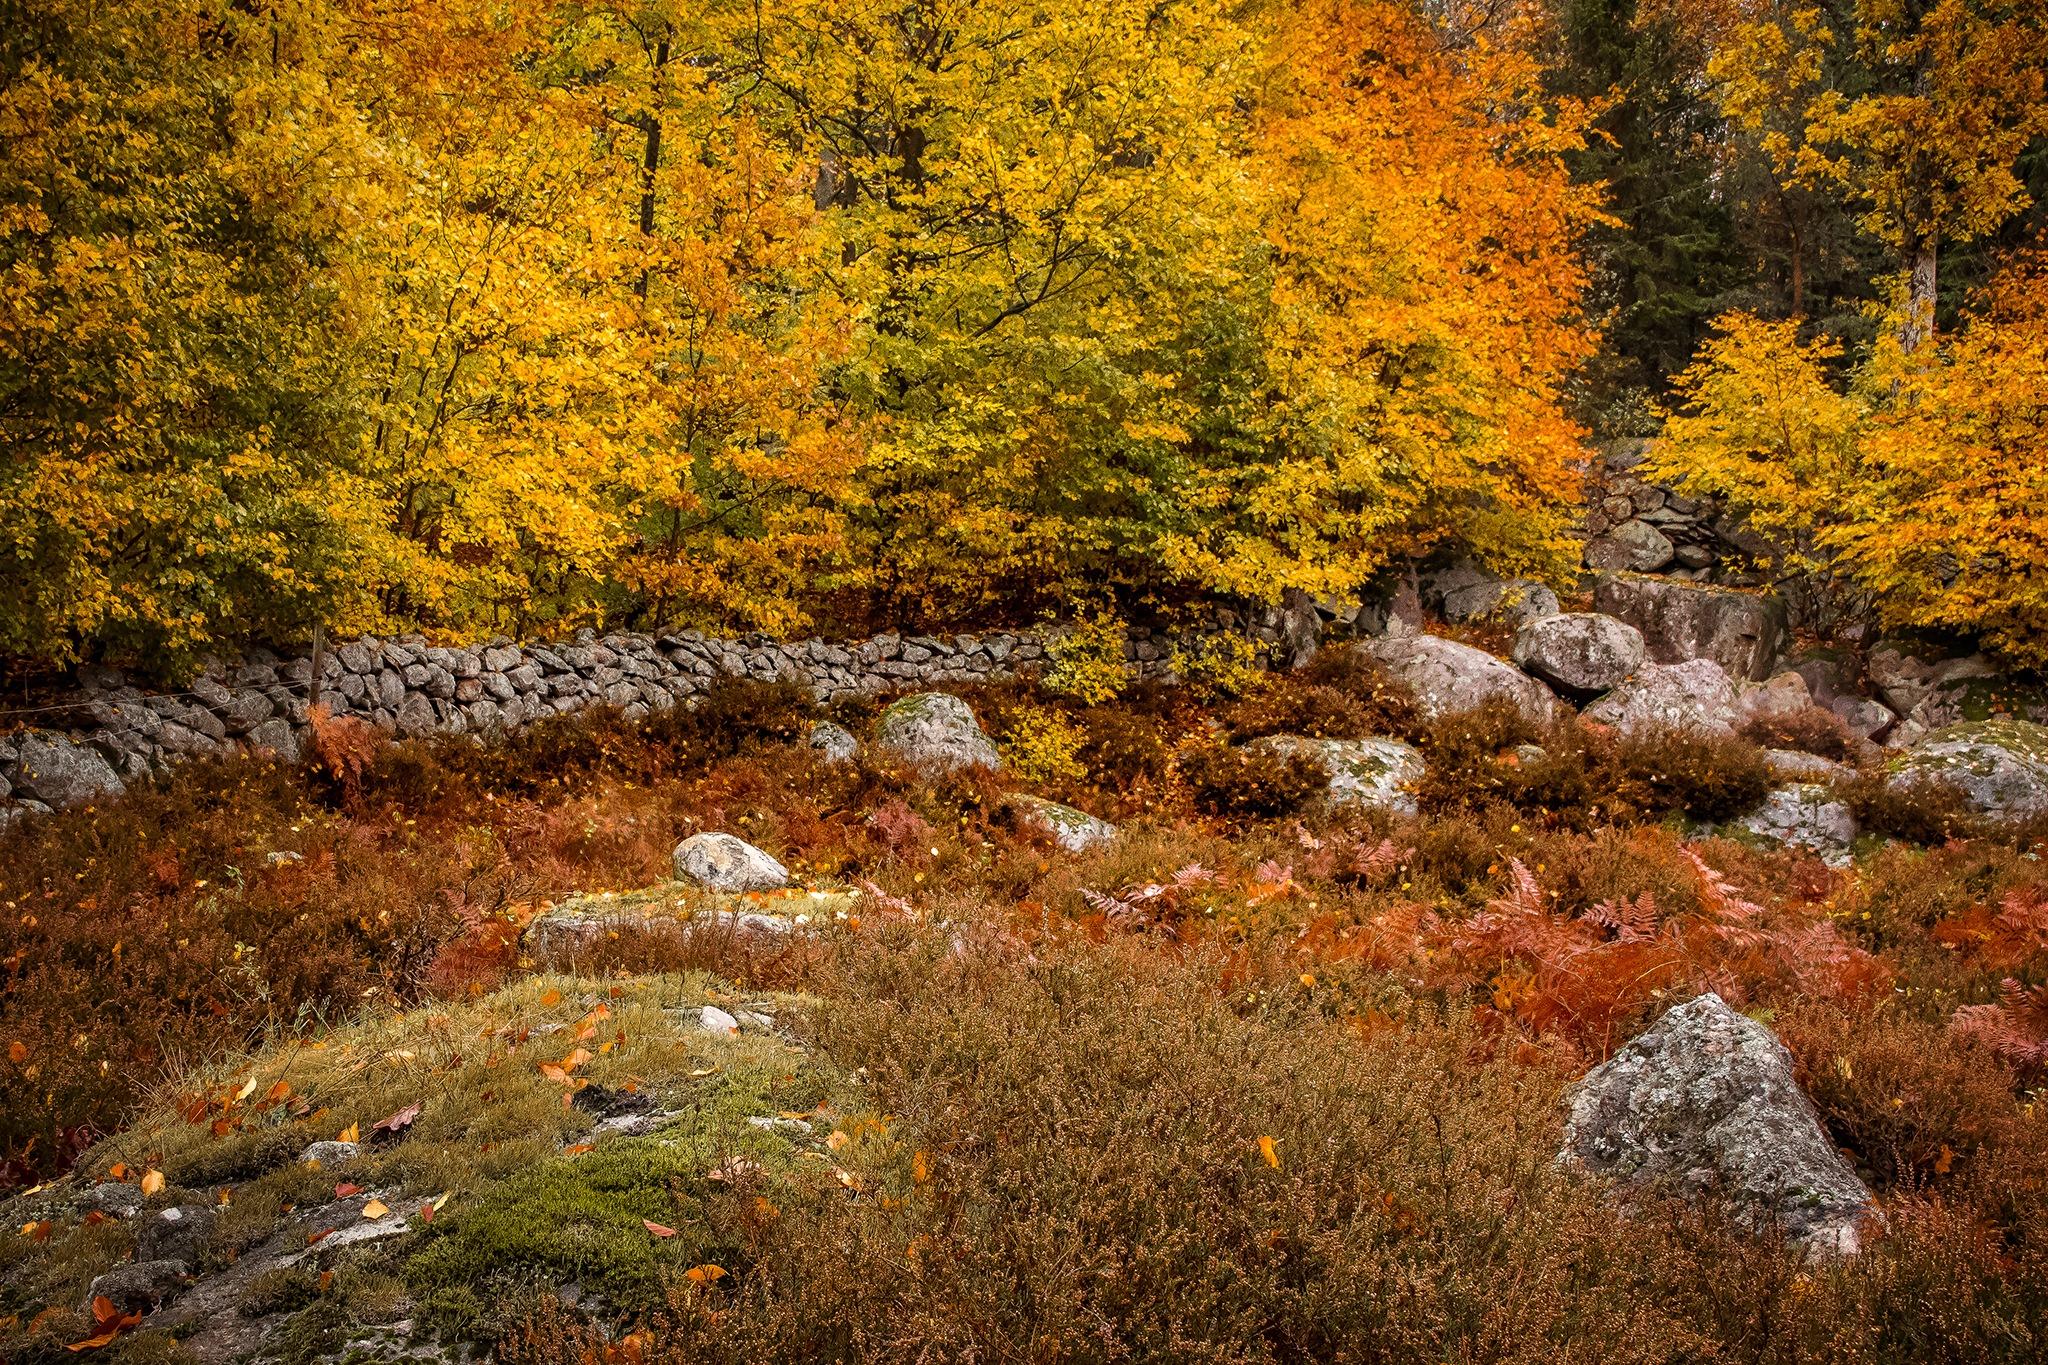 Autumn landscape by elisah